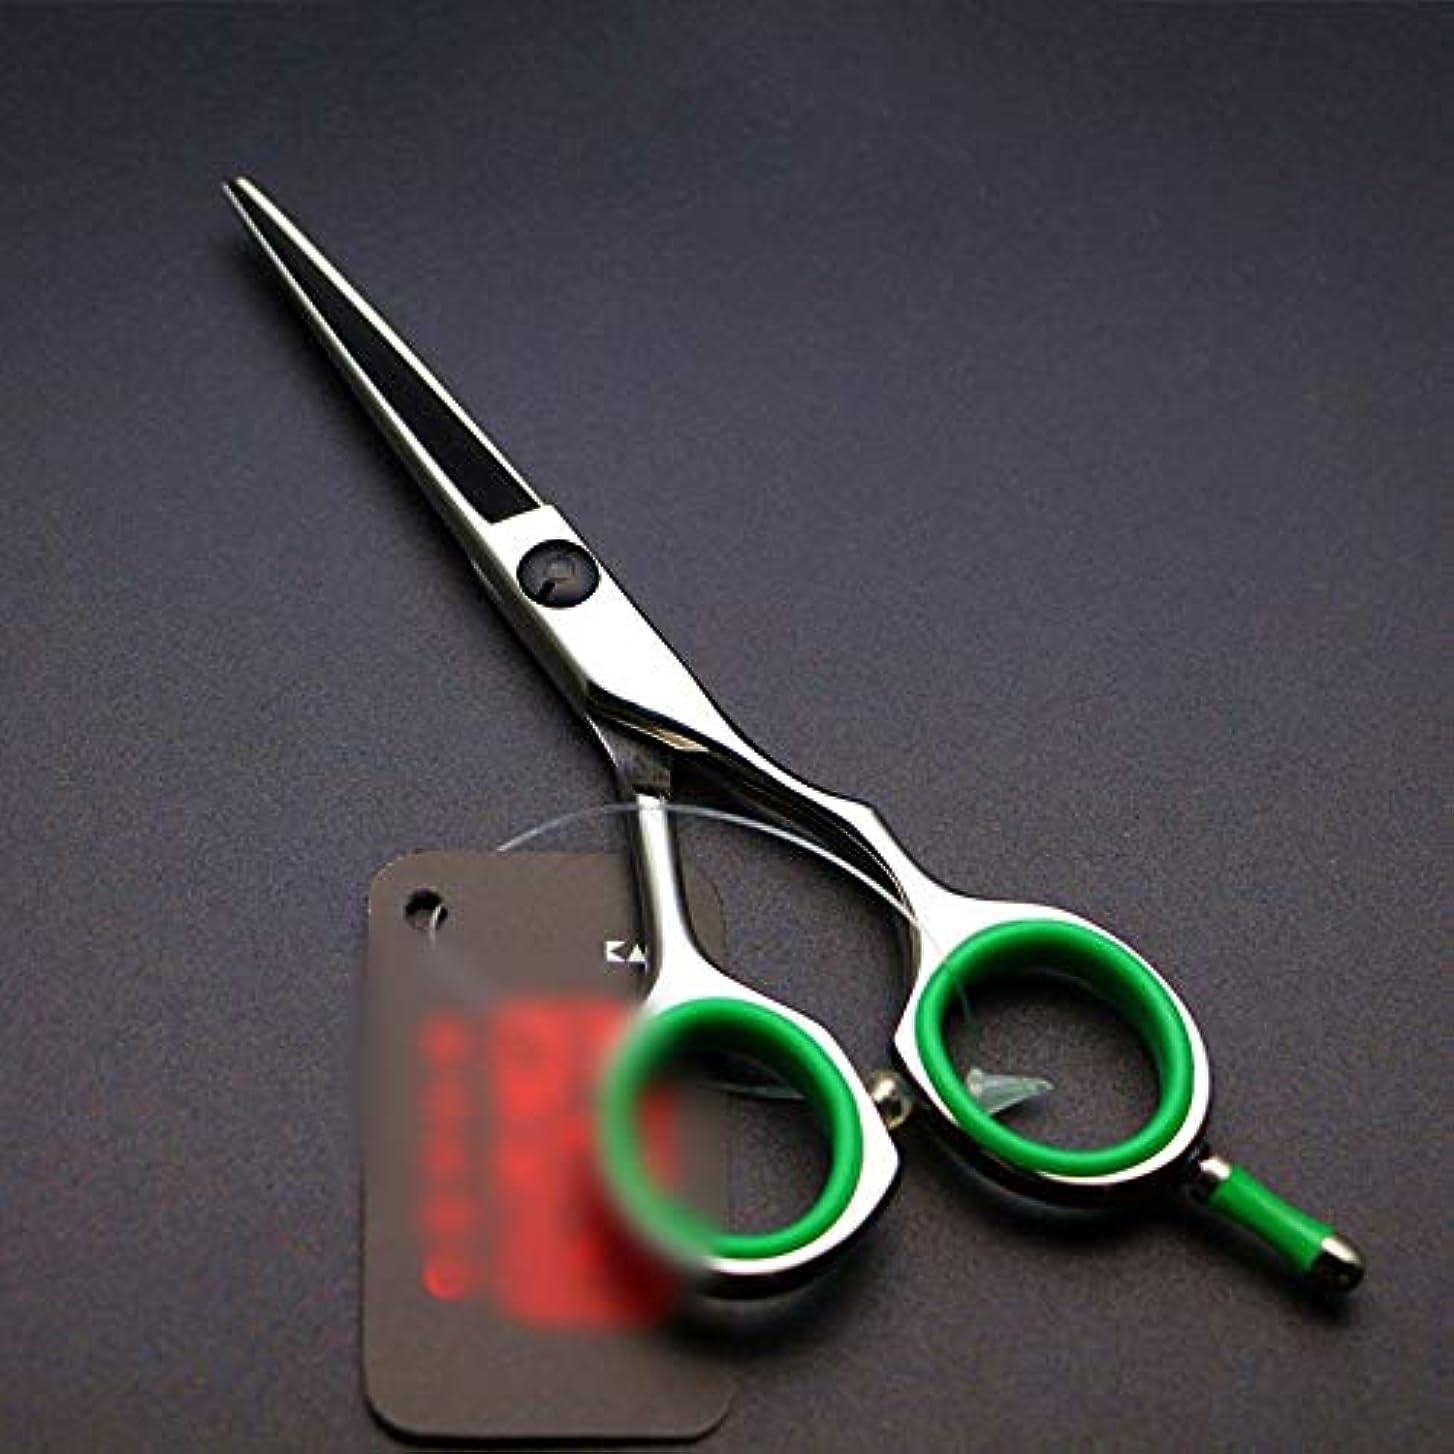 する必要がある共産主義モバイルWASAIO 小さなはさみ理髪真の髪間伐間伐歯のはさみプロの理容テクスチャーサロンレイザーエッジシザー5インチ (色 : オレンジ)